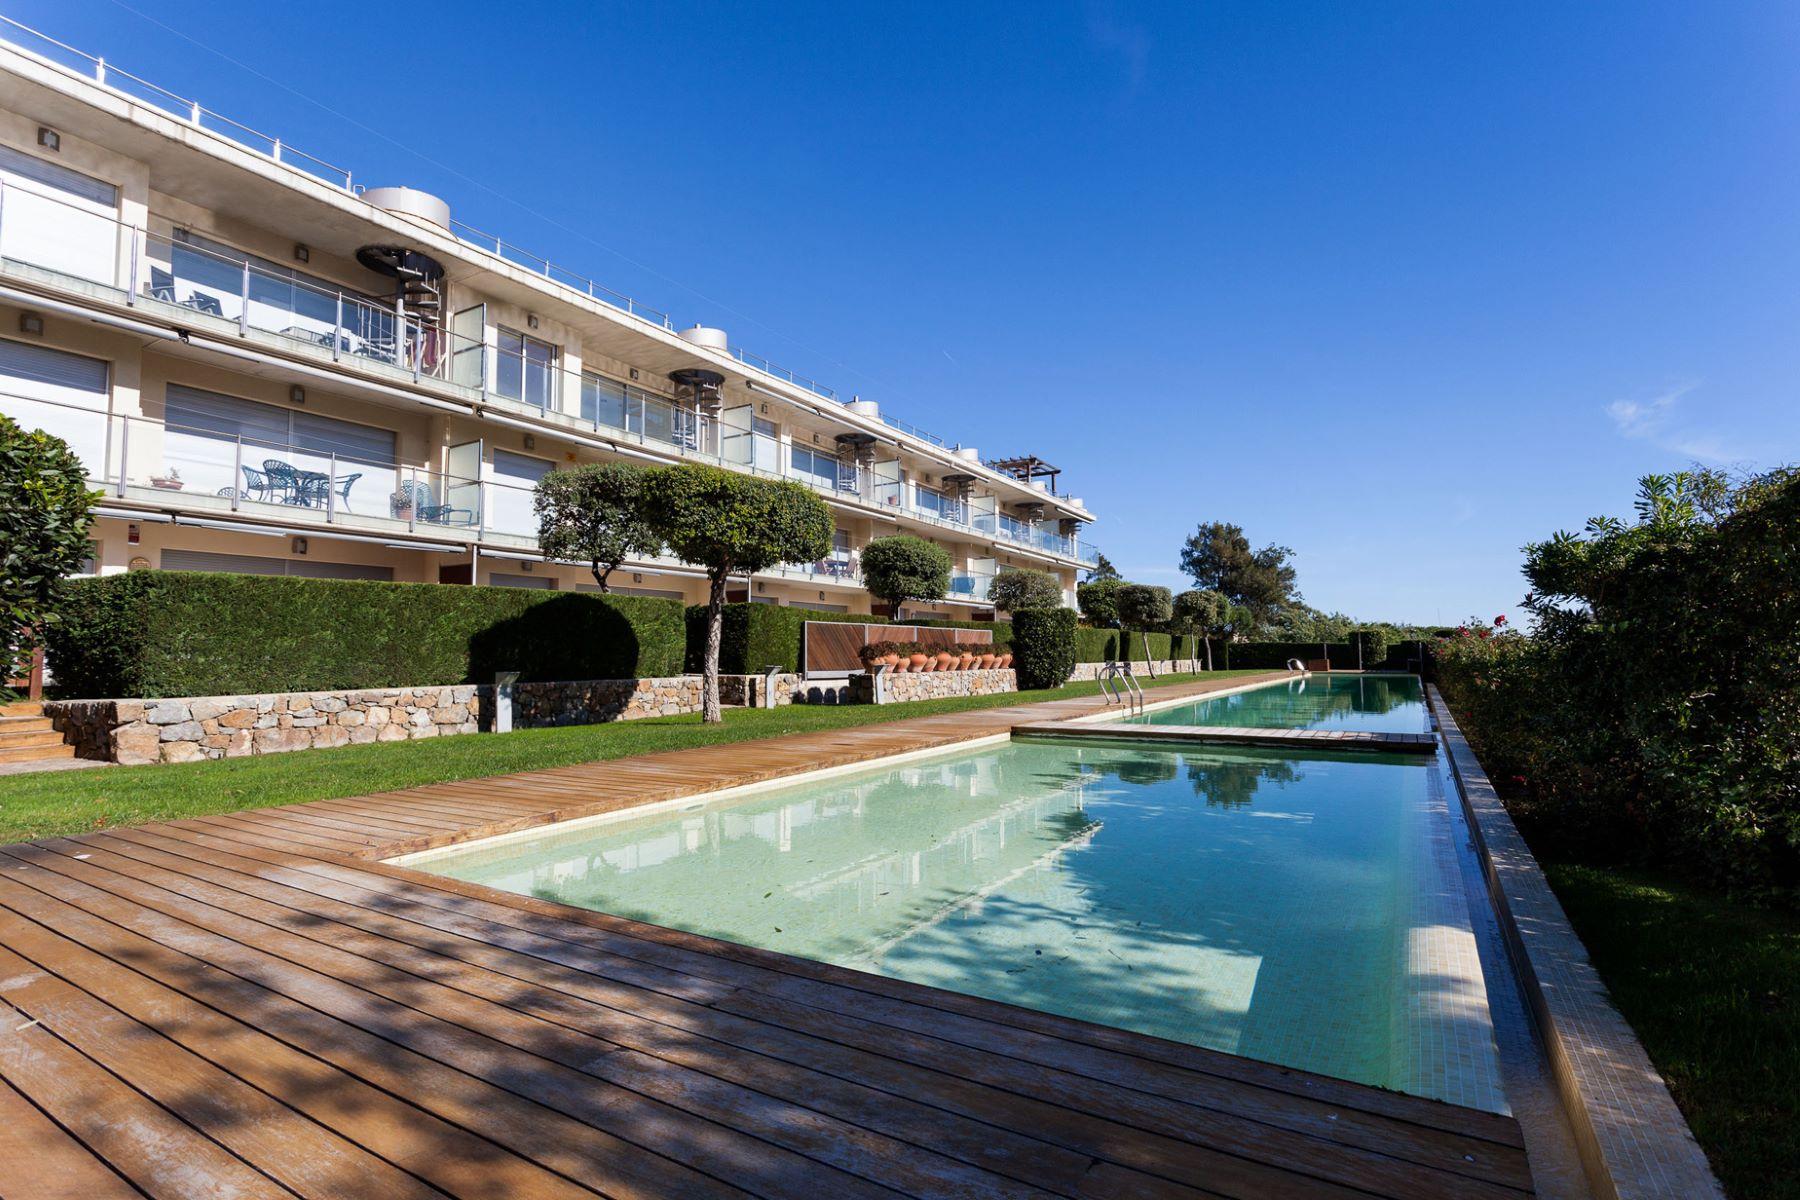 アパート のために 売買 アット Modern apartment 280m from the beach of Sant Pol in S'Agaró S'Agaro, Costa Brava, 17248 スペイン